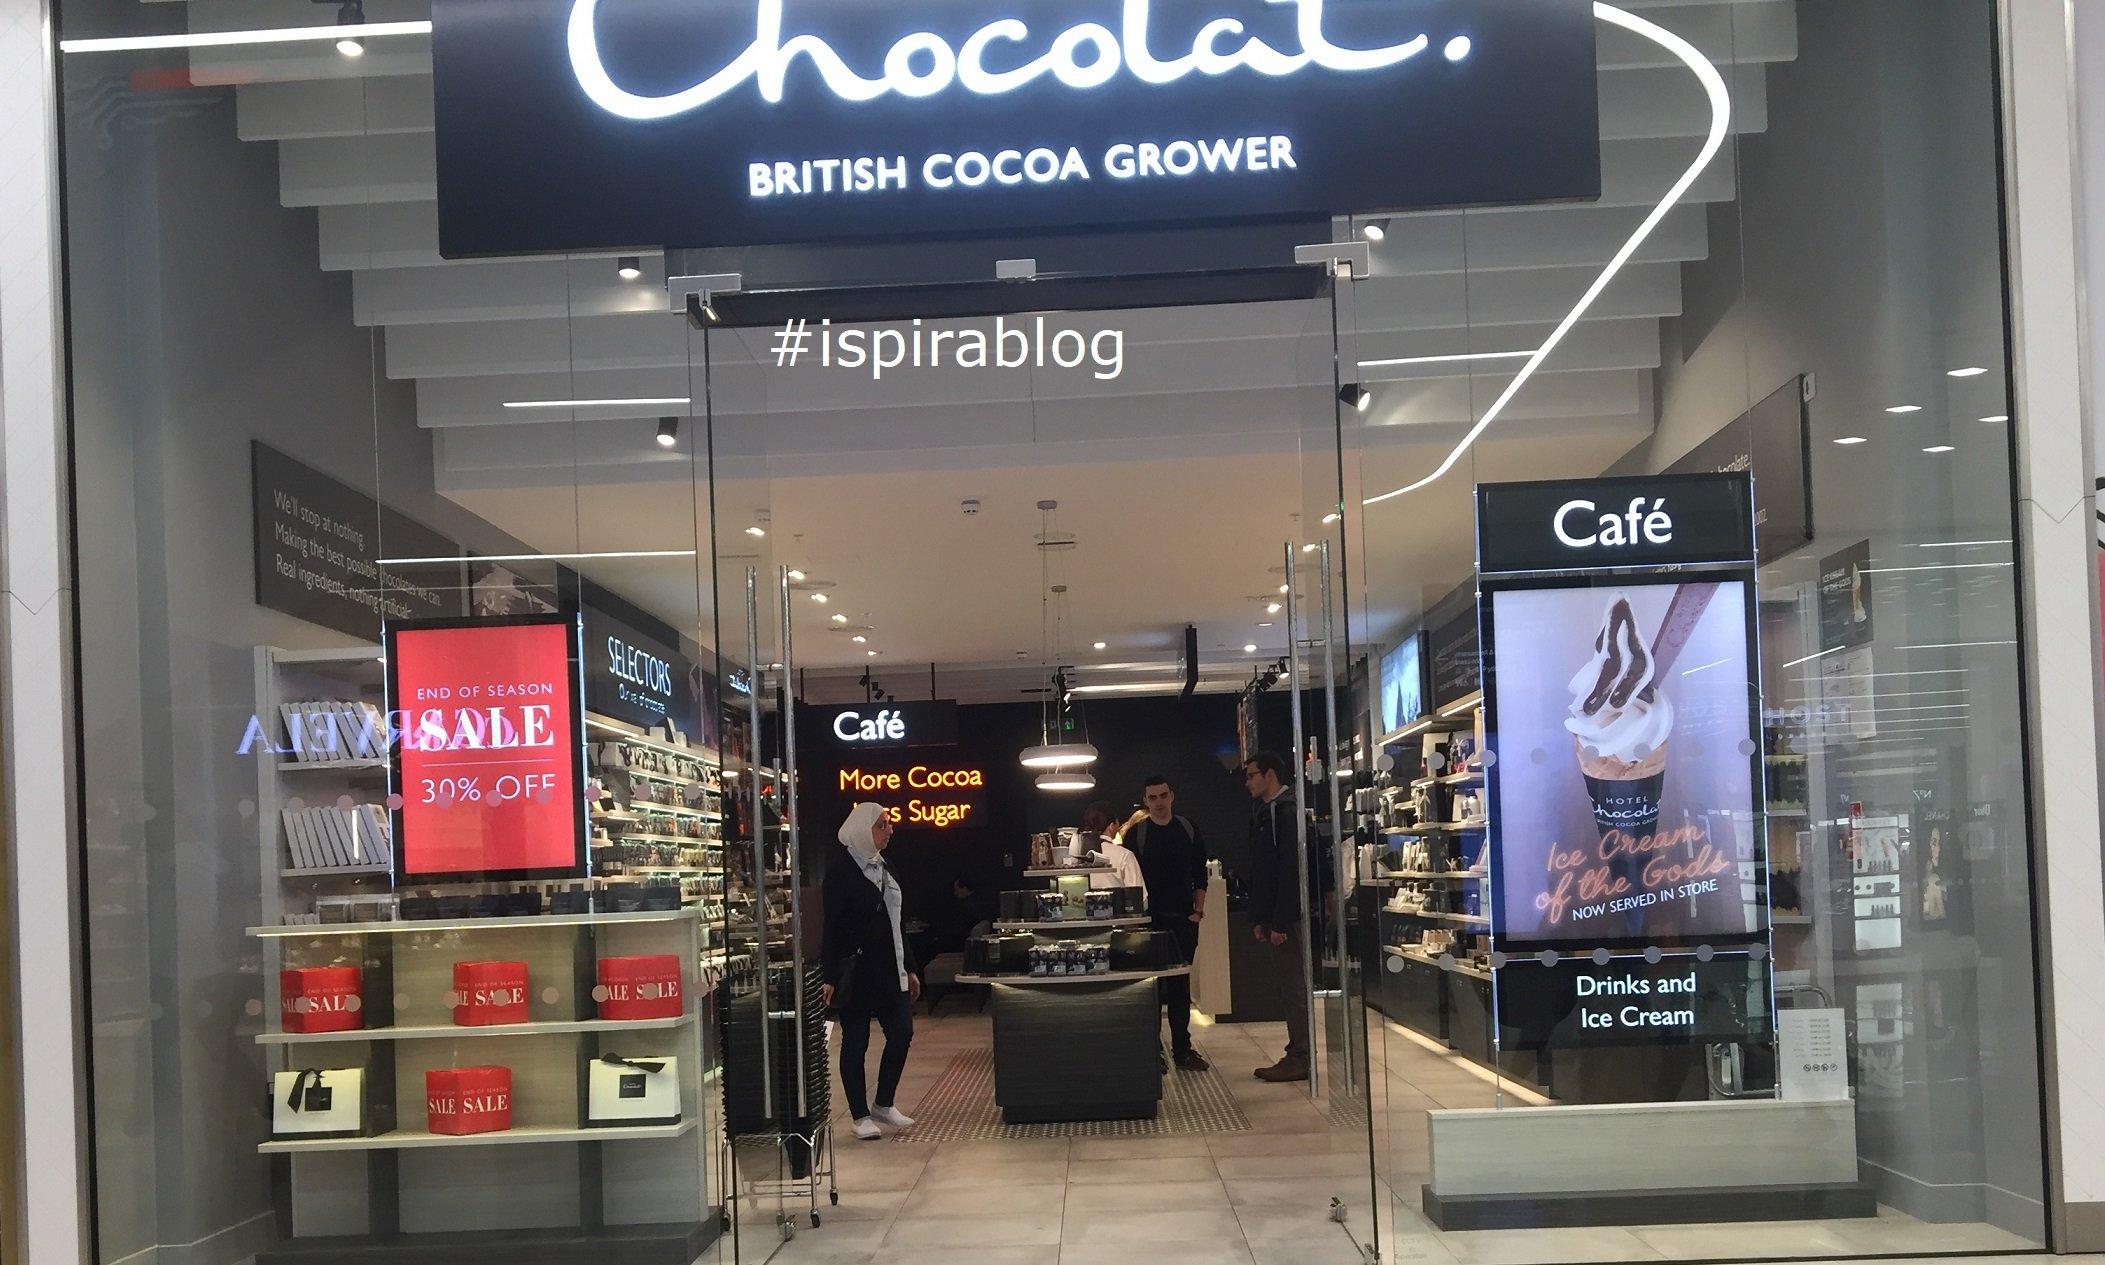 Hotel Chocolat - Ispira Blog